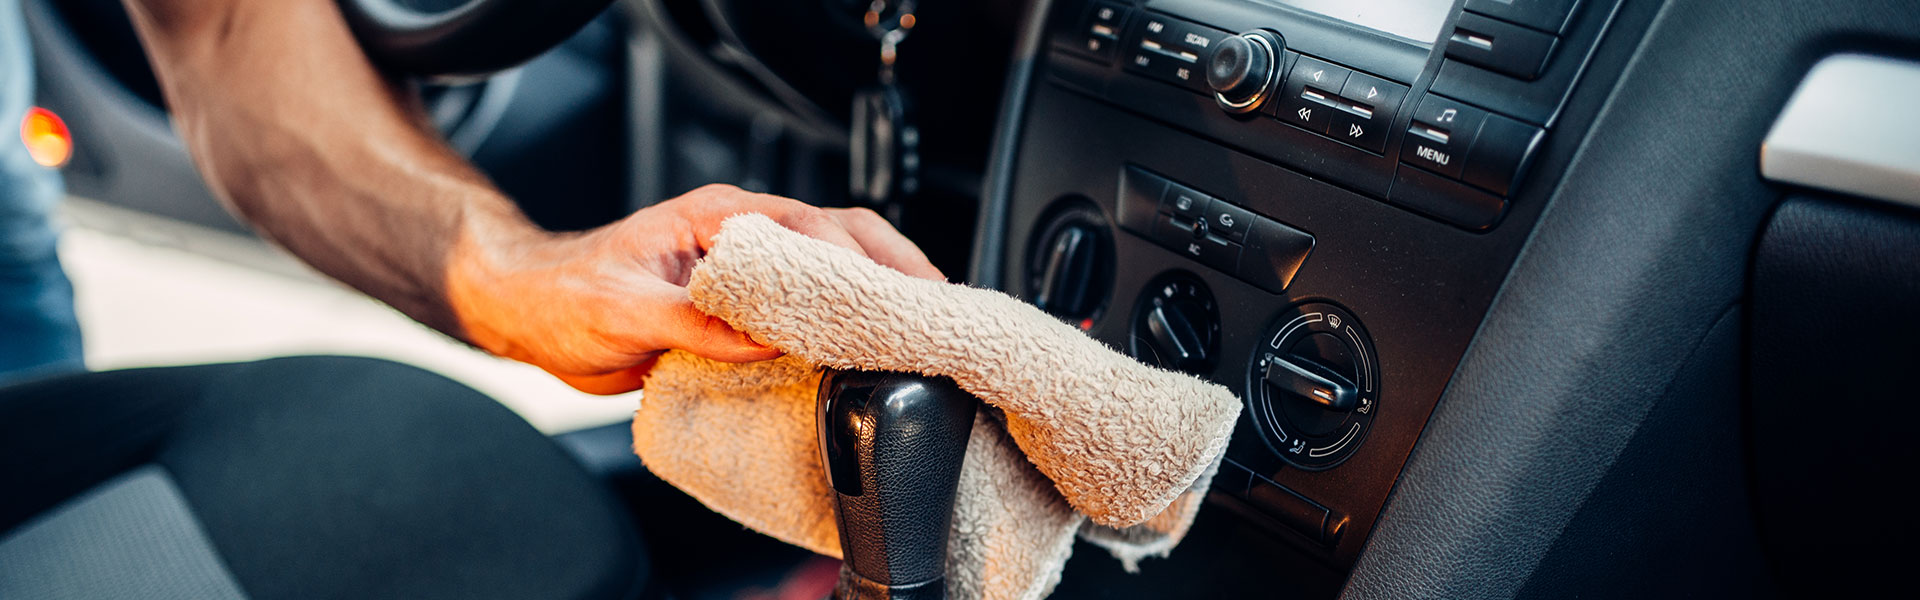 Temecula Car Wash